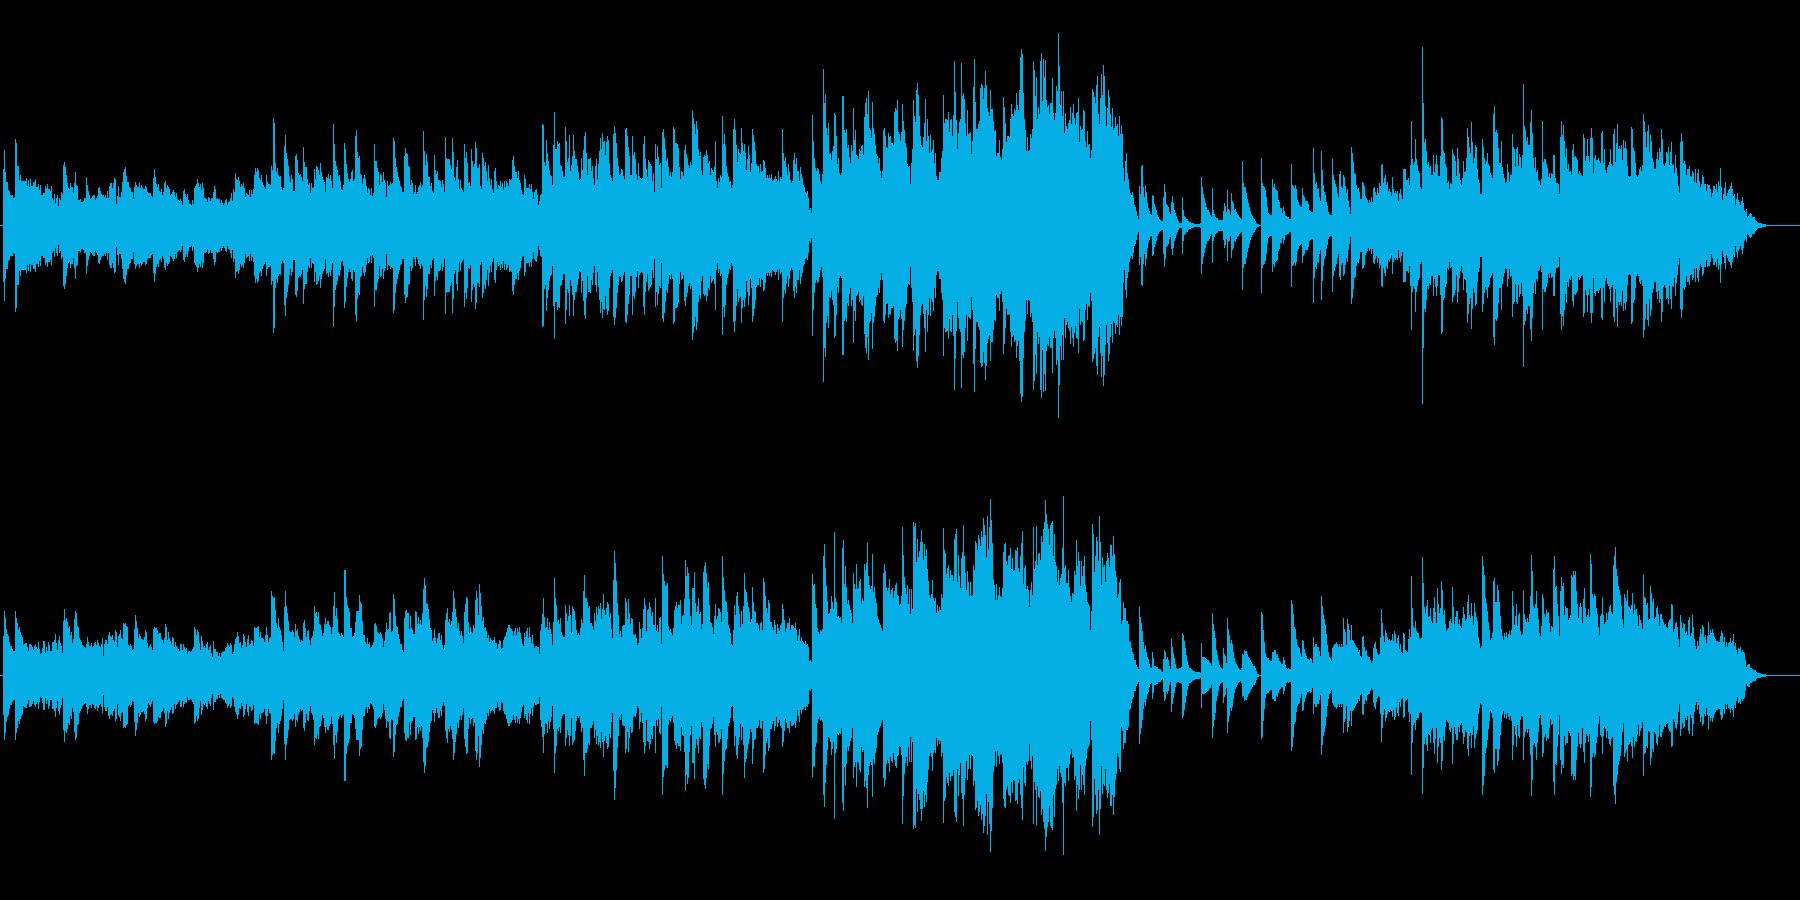 [和風]日本茶 京都 鎌倉 幻想的 古都の再生済みの波形